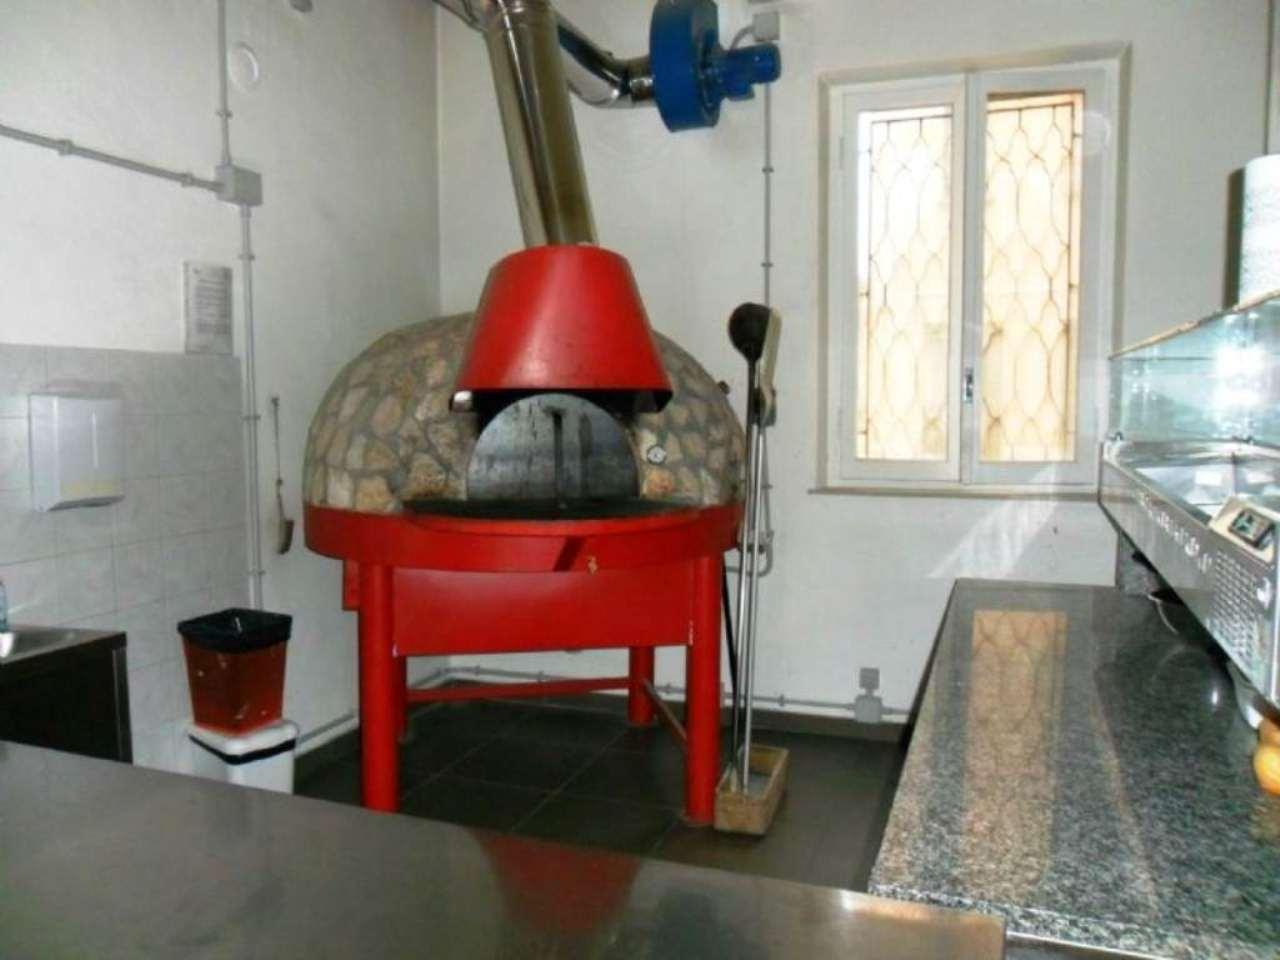 Ristorante / Pizzeria / Trattoria in vendita a Noceto, 3 locali, prezzo € 35.000 | Cambio Casa.it